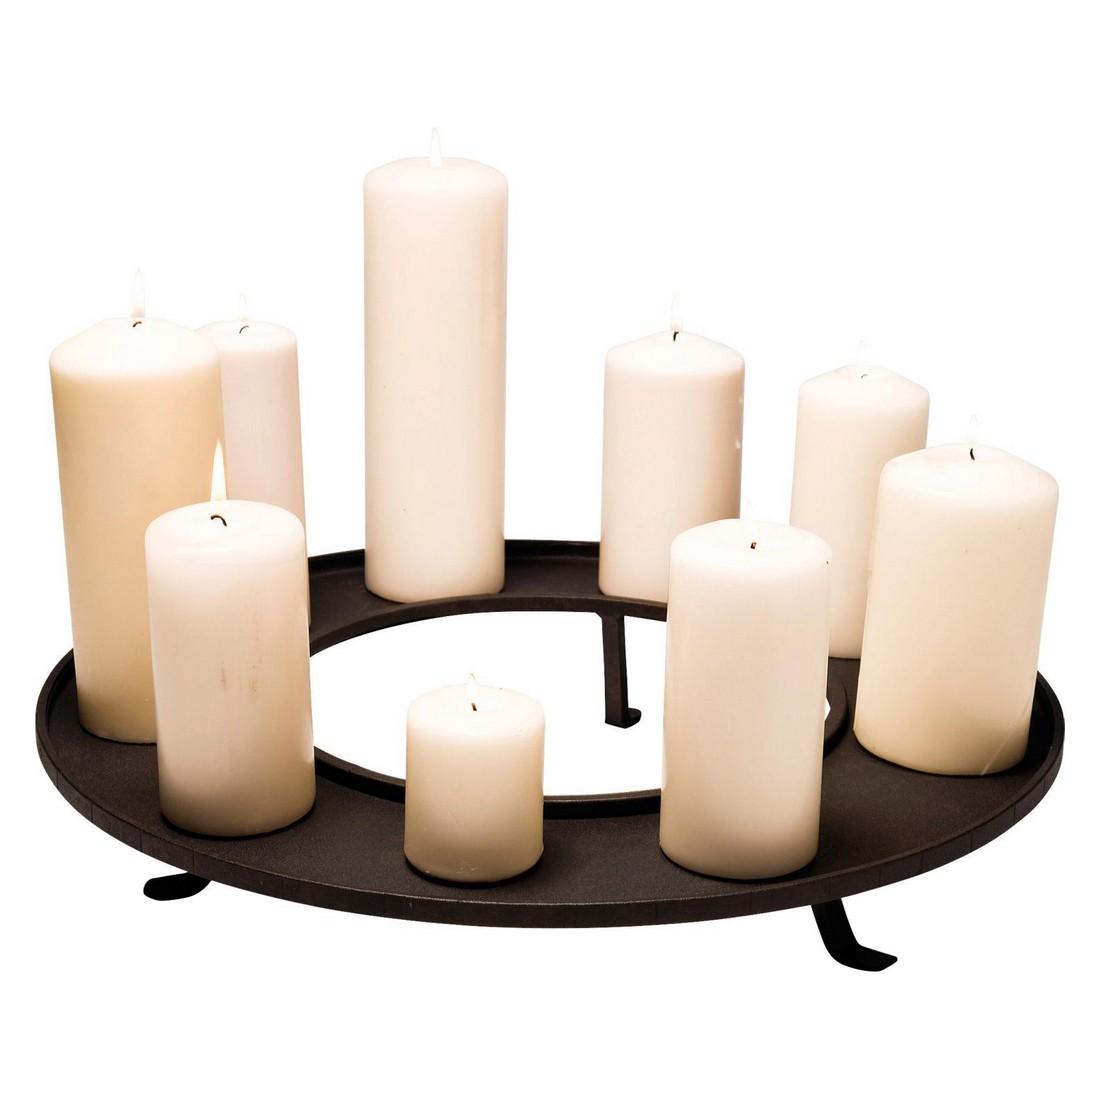 Kerzentablett Castle Table Round – Eisen lackiert Antikoptik, outdoor-geeignet, für Kerzen max. Dia 9cm Schwarz, Kare Design online kaufen